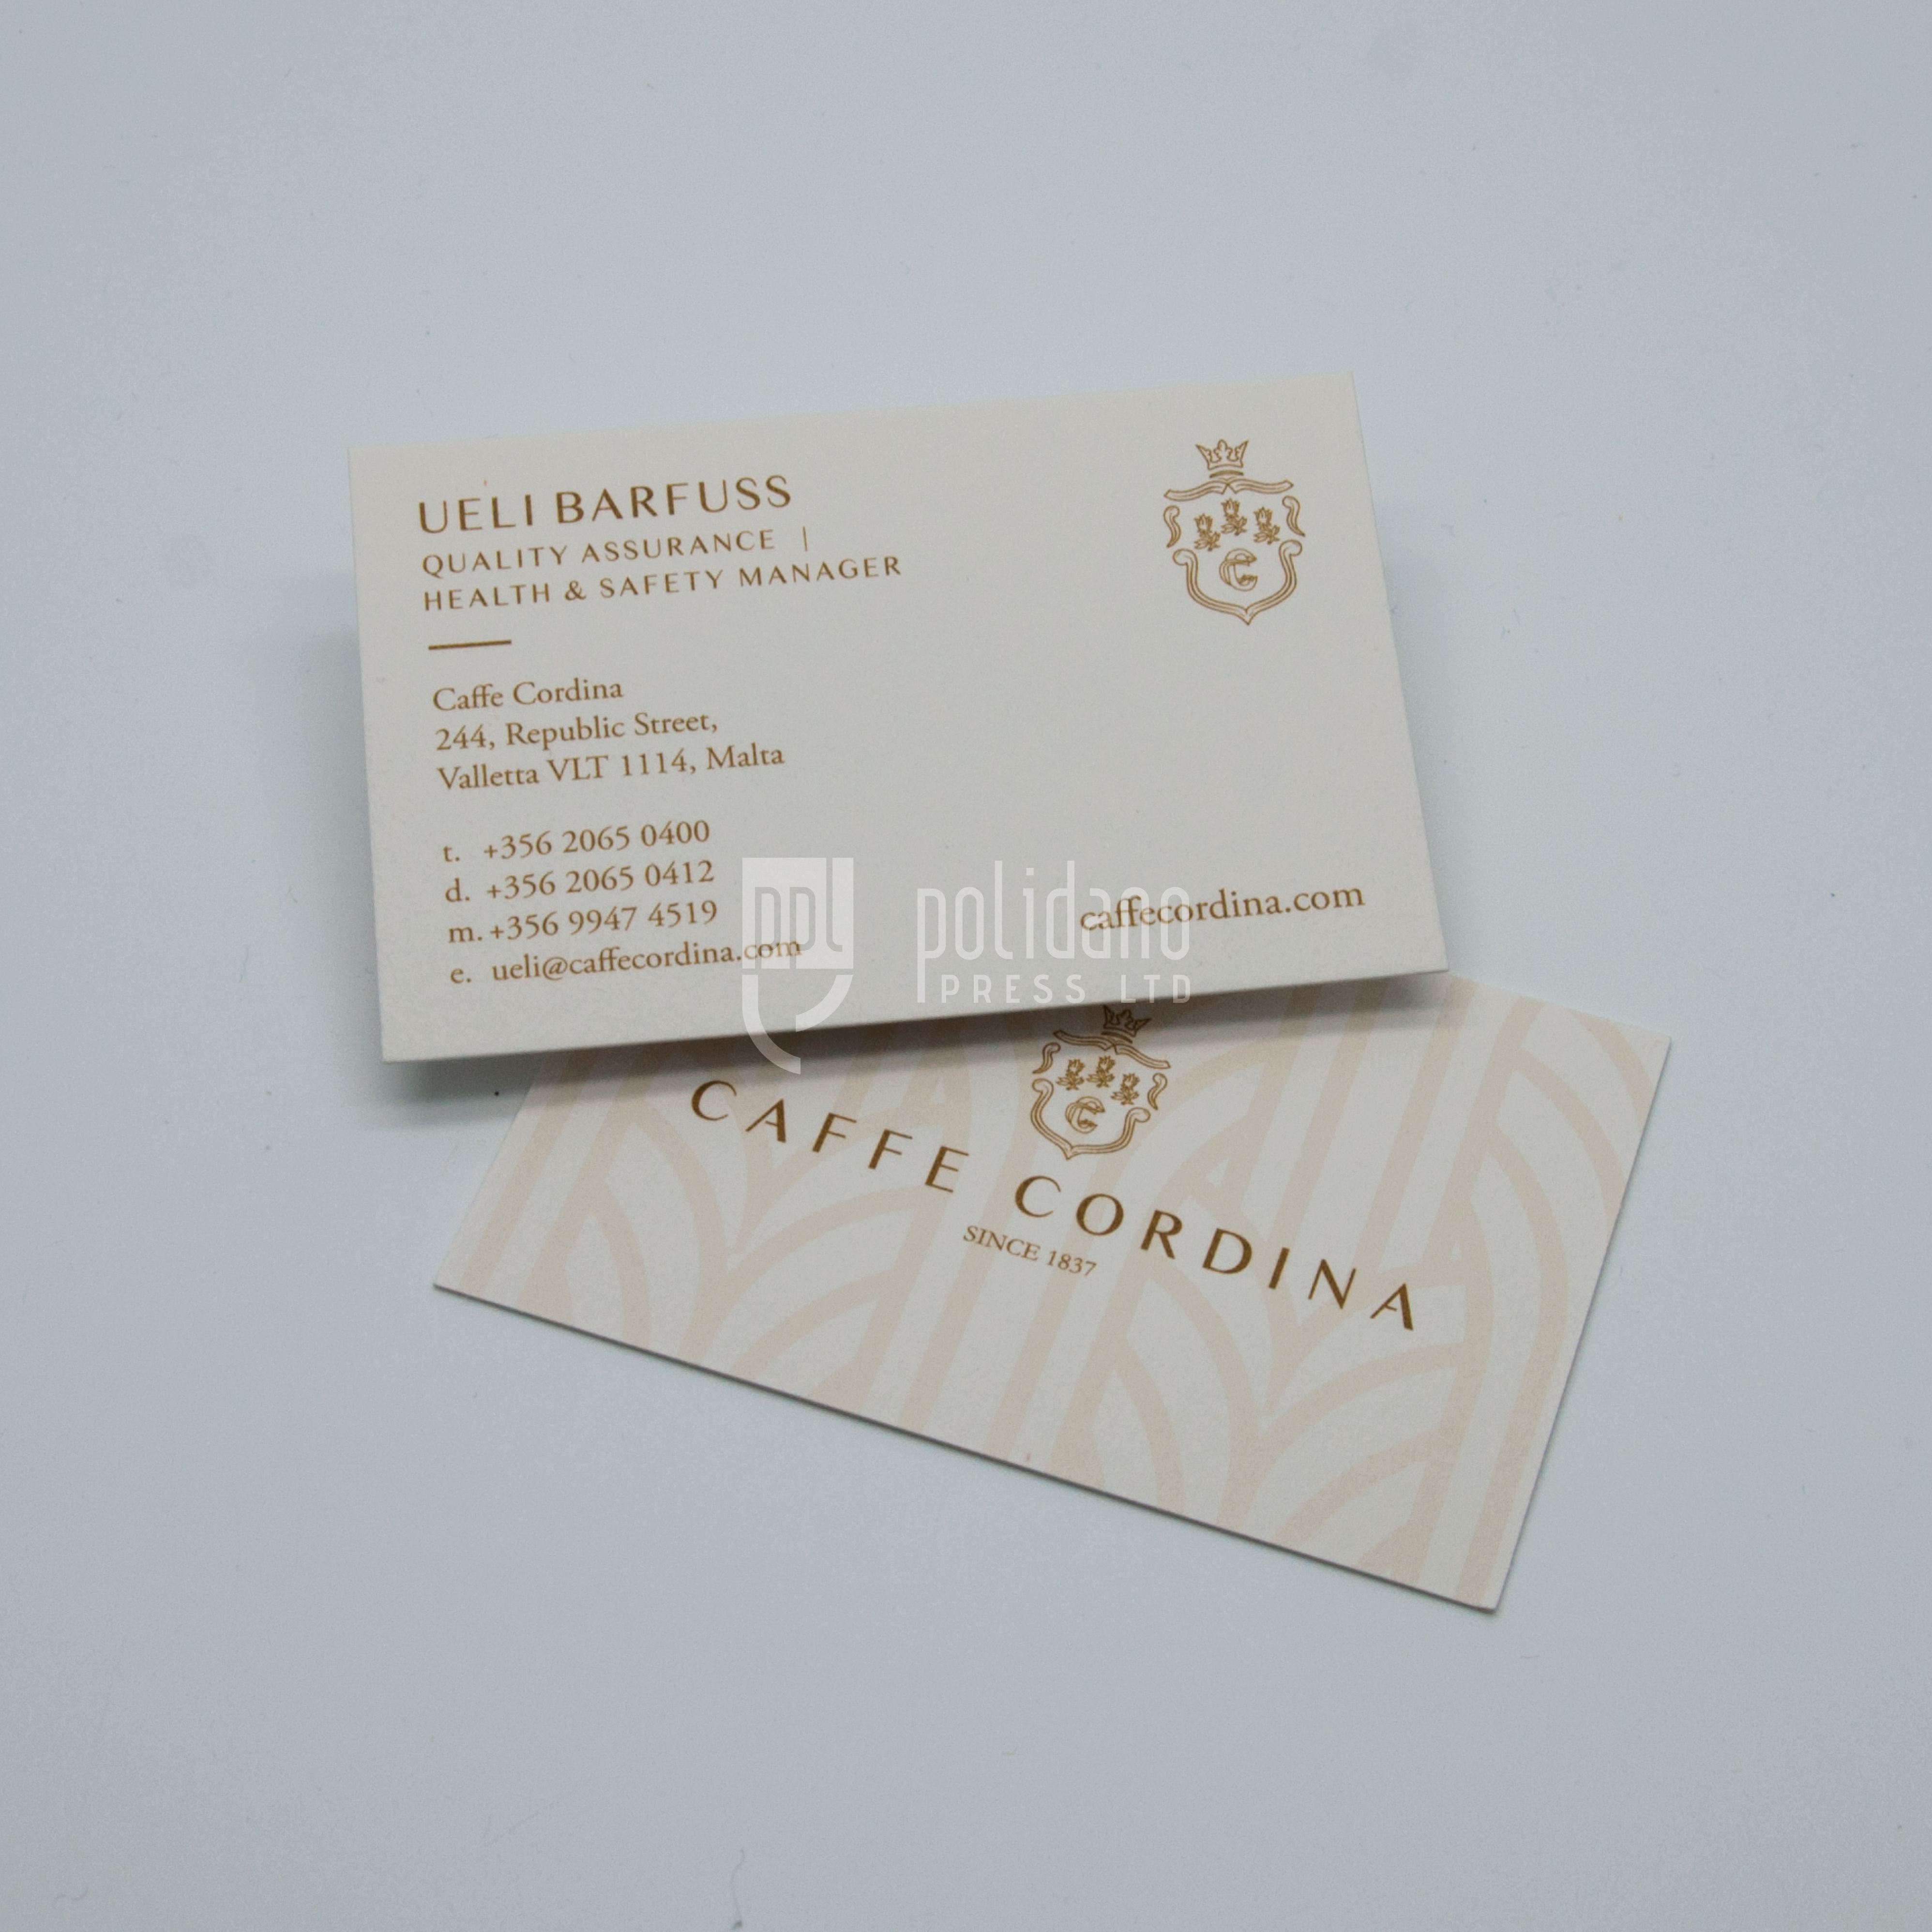 Cafe Cordina Business Cards